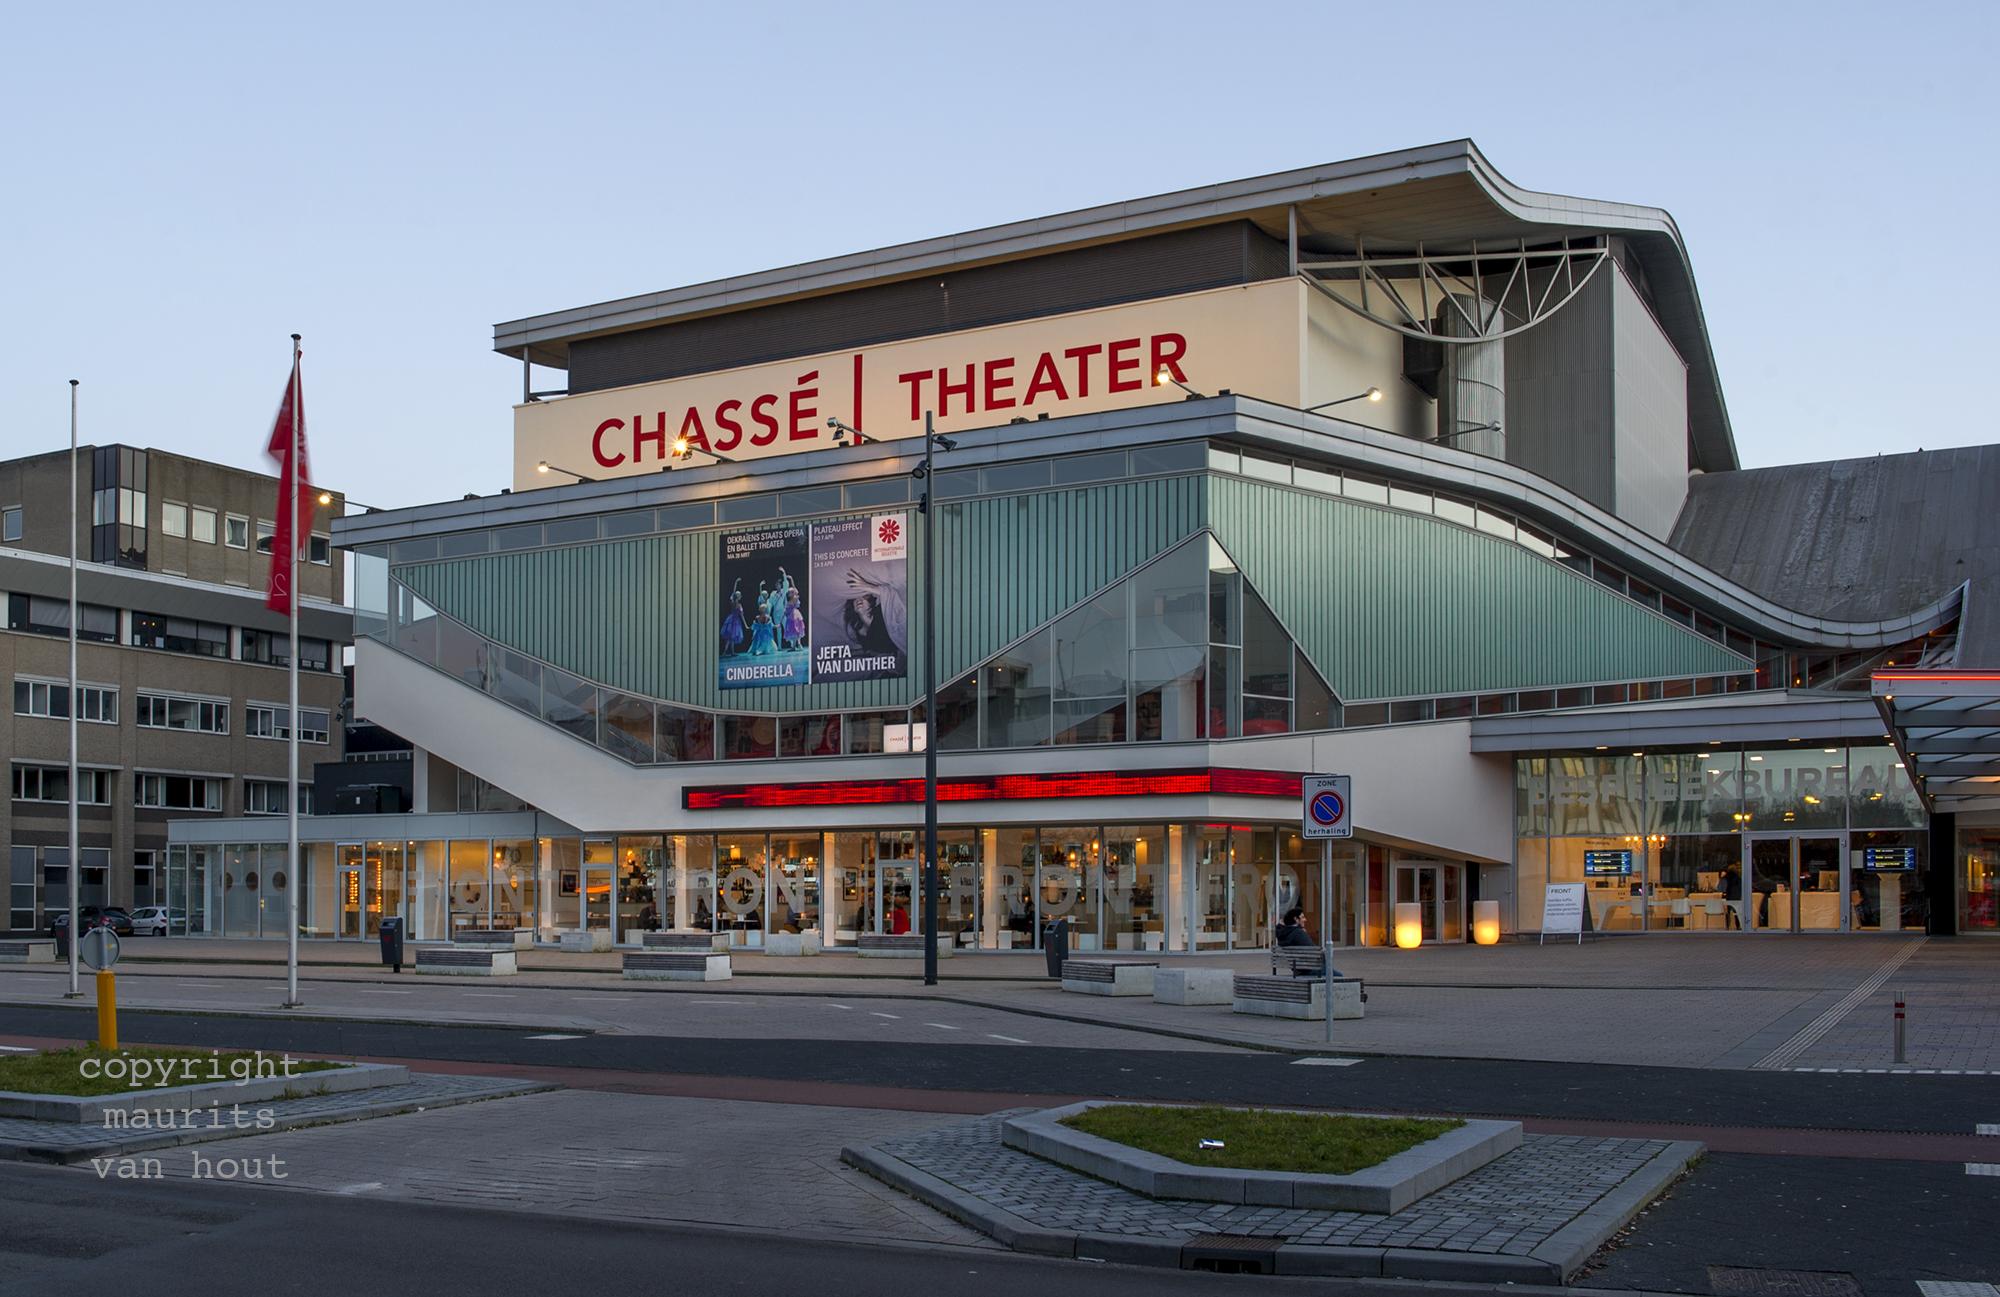 Chassétheater Breda gefotografeerd door architectuurfotograaf Maurits van Hout uit Den Haag